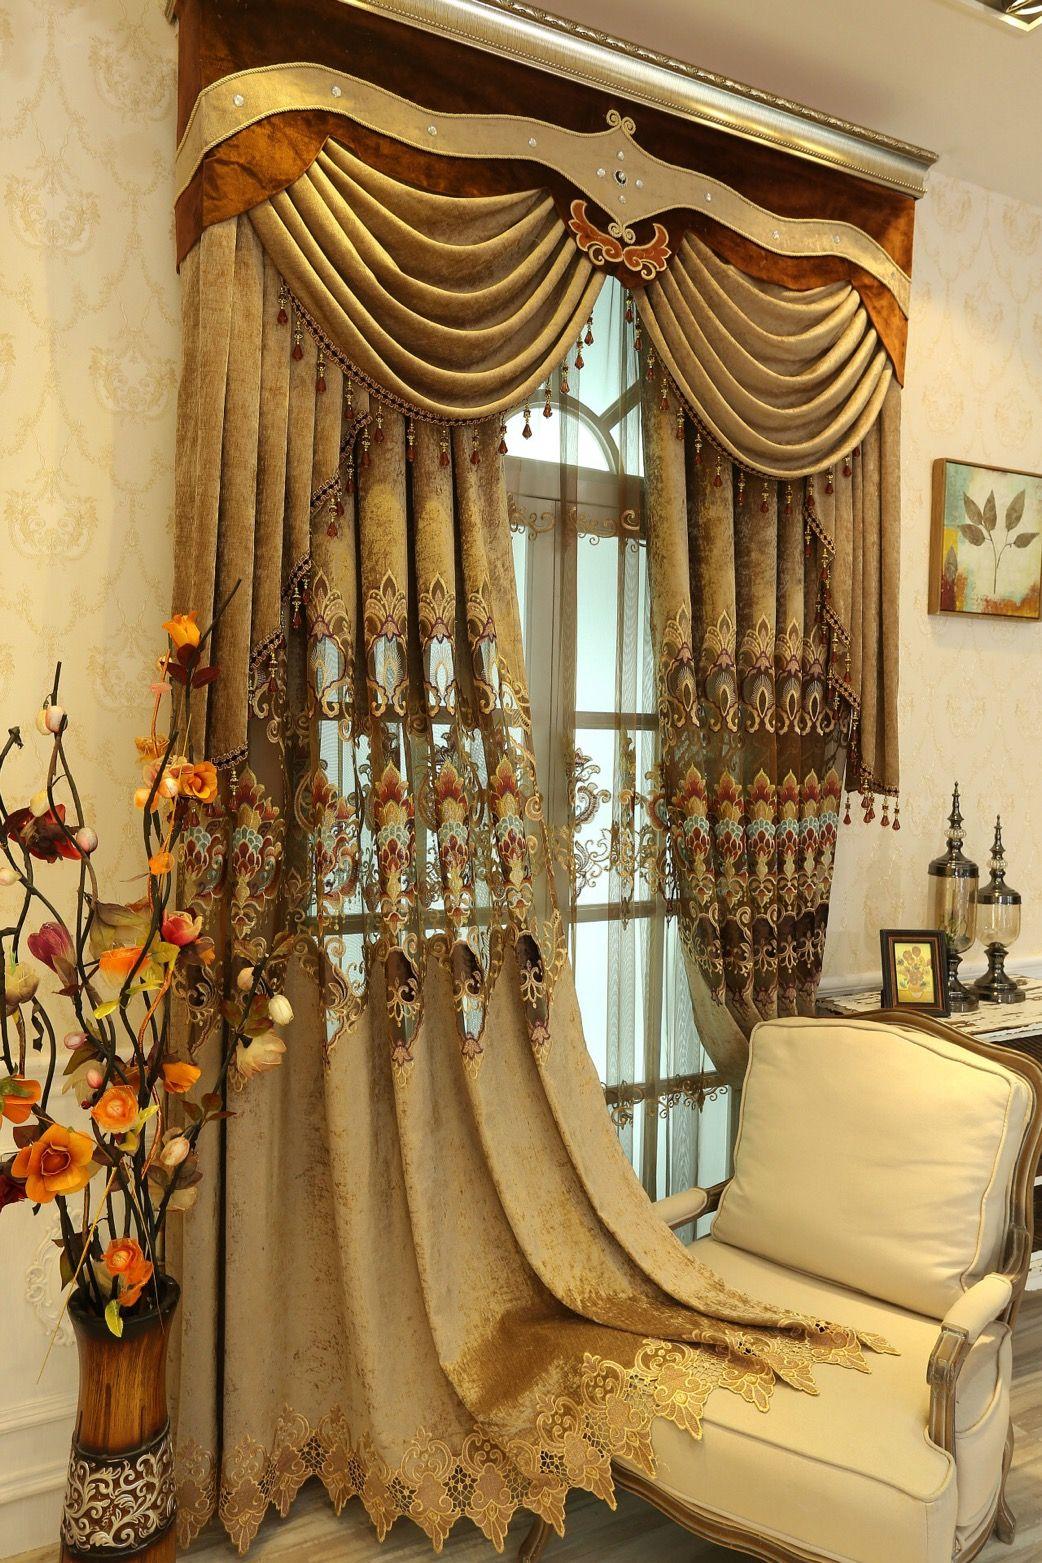 Vorhang im europäischen Stil Spitze Luxus Luxus Vorhänge wasserlösliche hohlen Stickerei Schlafzimmer Wohnzimmer individuellen fertige Vorhänge